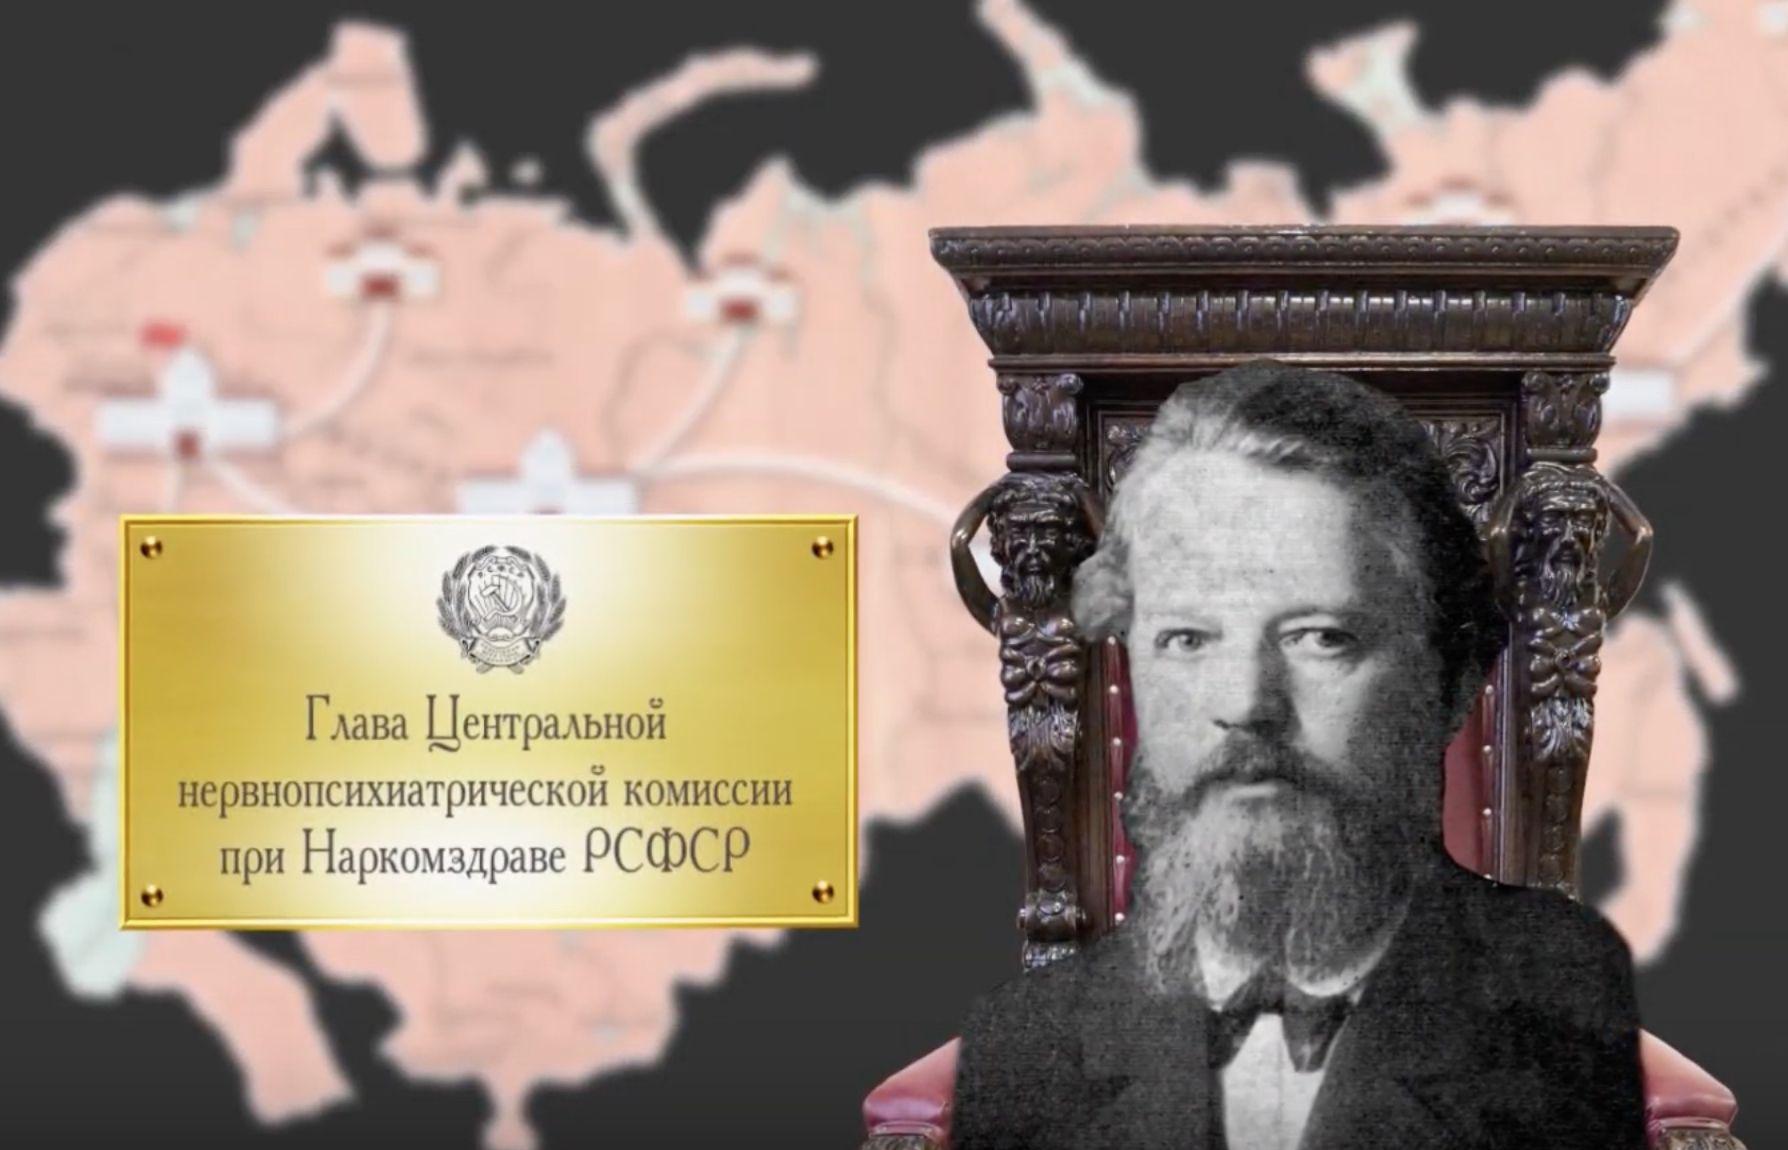 Биография Петра Кащенко в двух частях: новое видео представили сотрудники психиатрической больницы №1